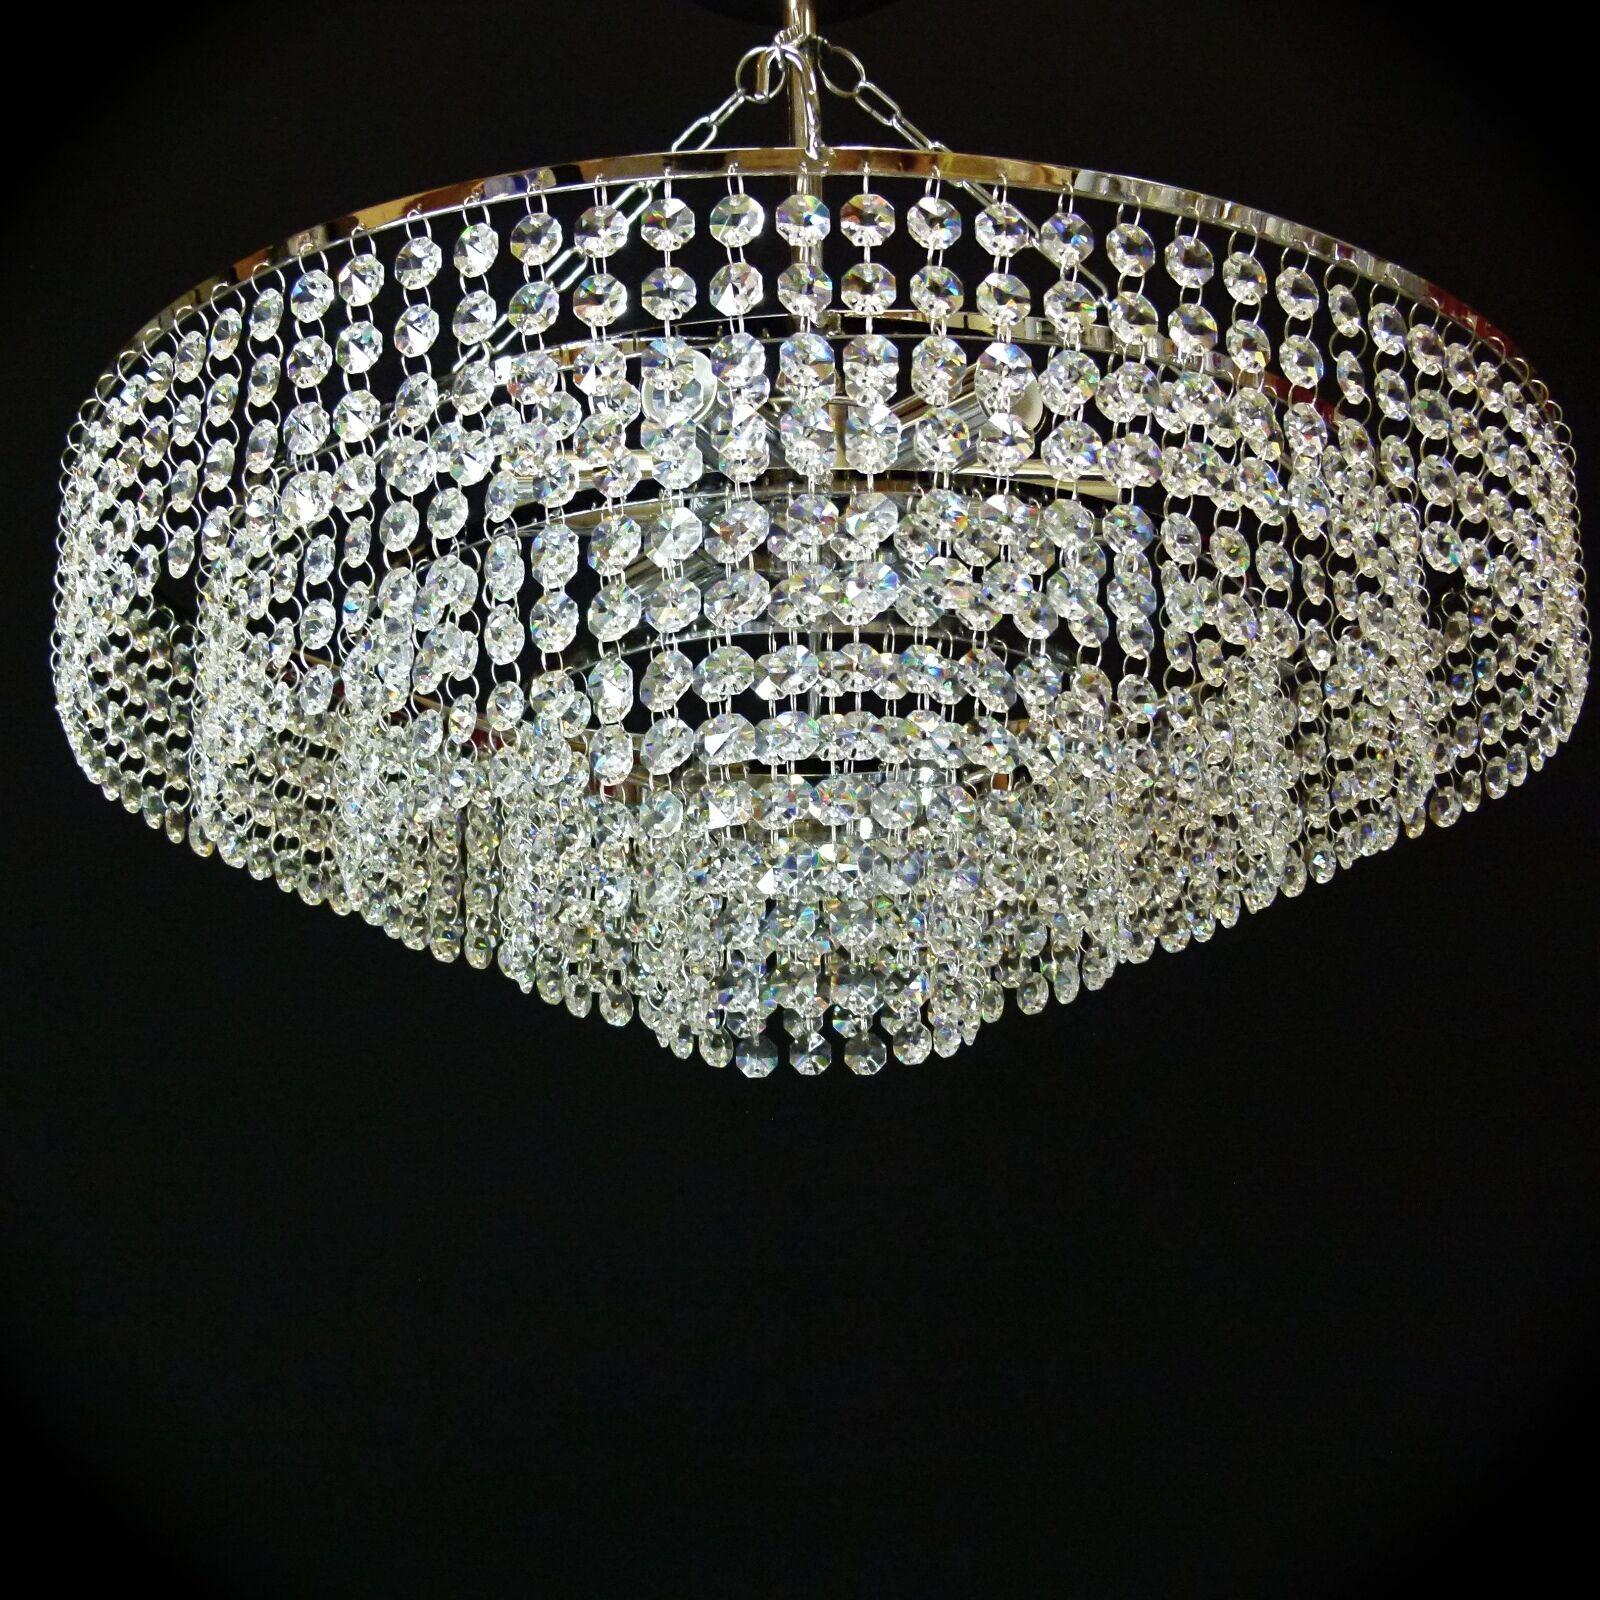 50cm Cromo Cristal De Plomo De Candelabro De Luz De Techo Iluminación Lámpara it-pl-50